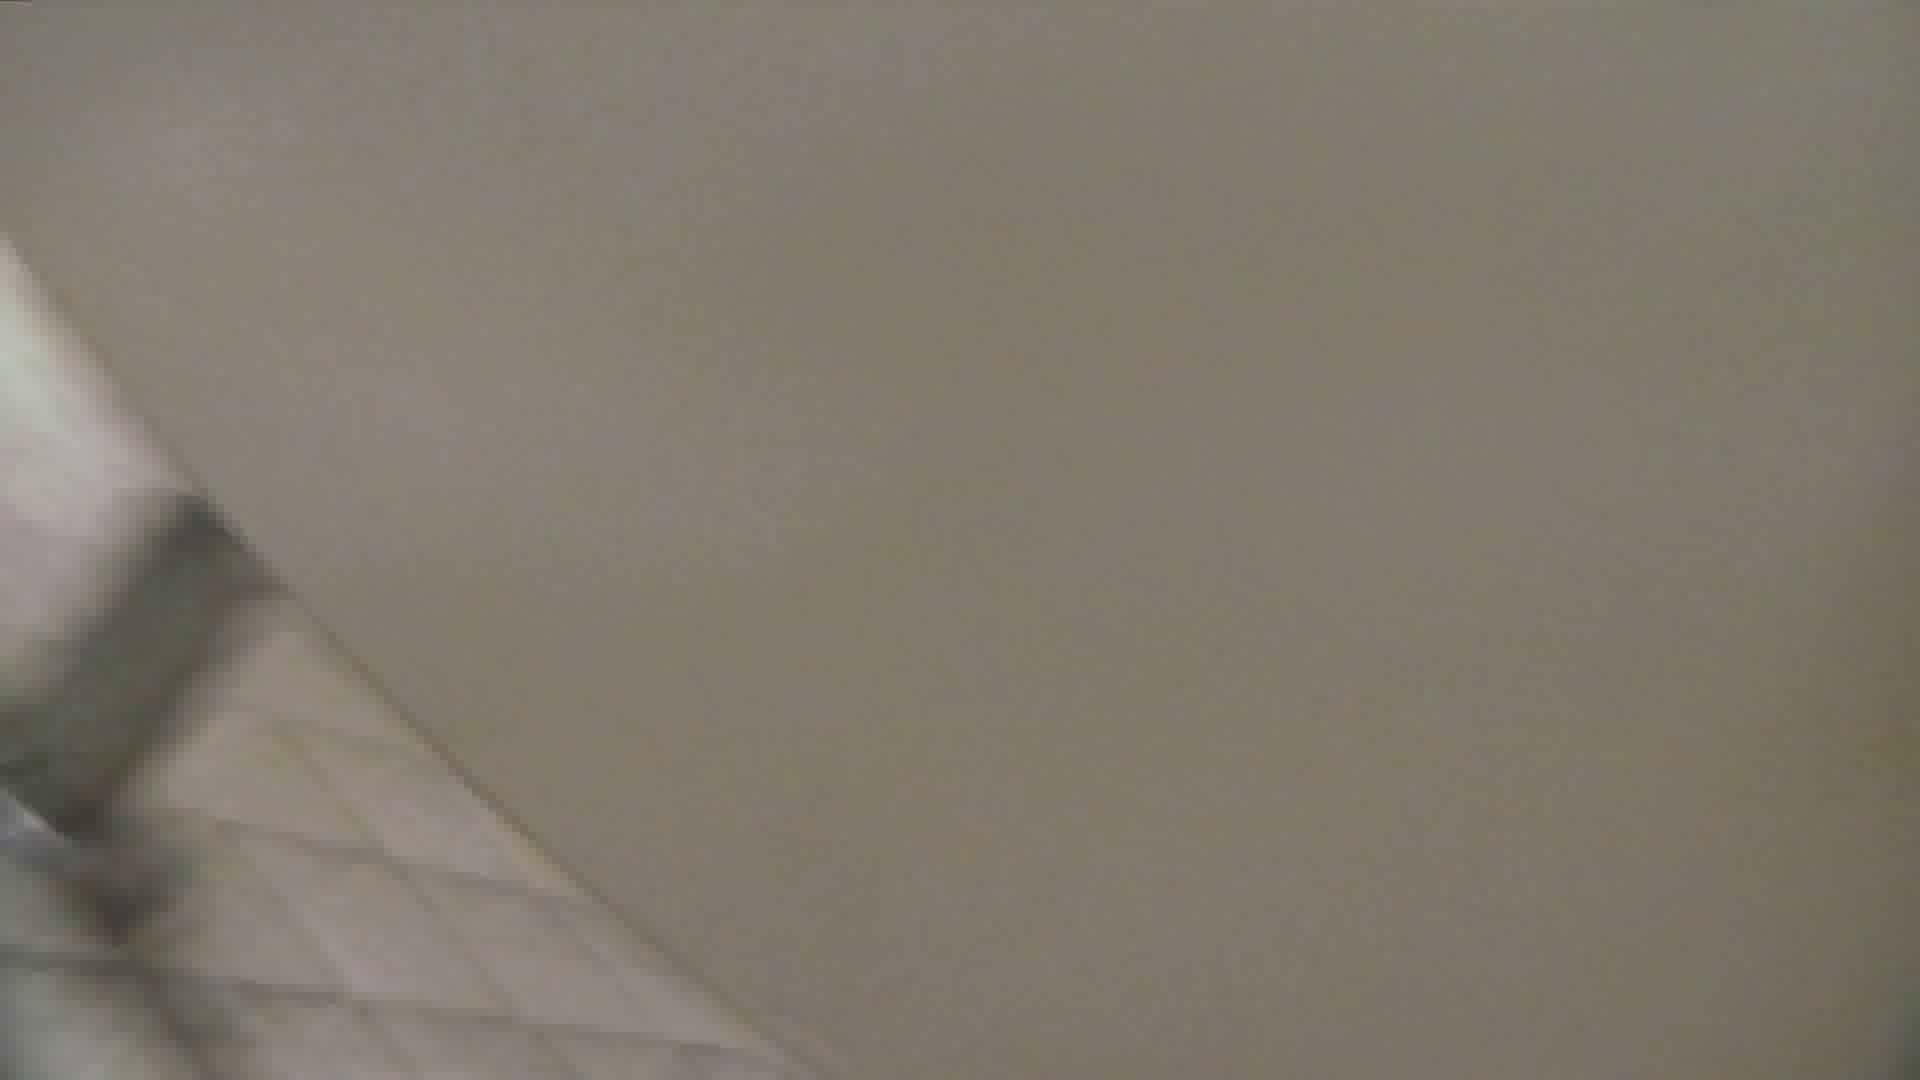 vol.26 命がけ潜伏洗面所! ゴツゴツ系 美人 スケベ動画紹介 75pic 8